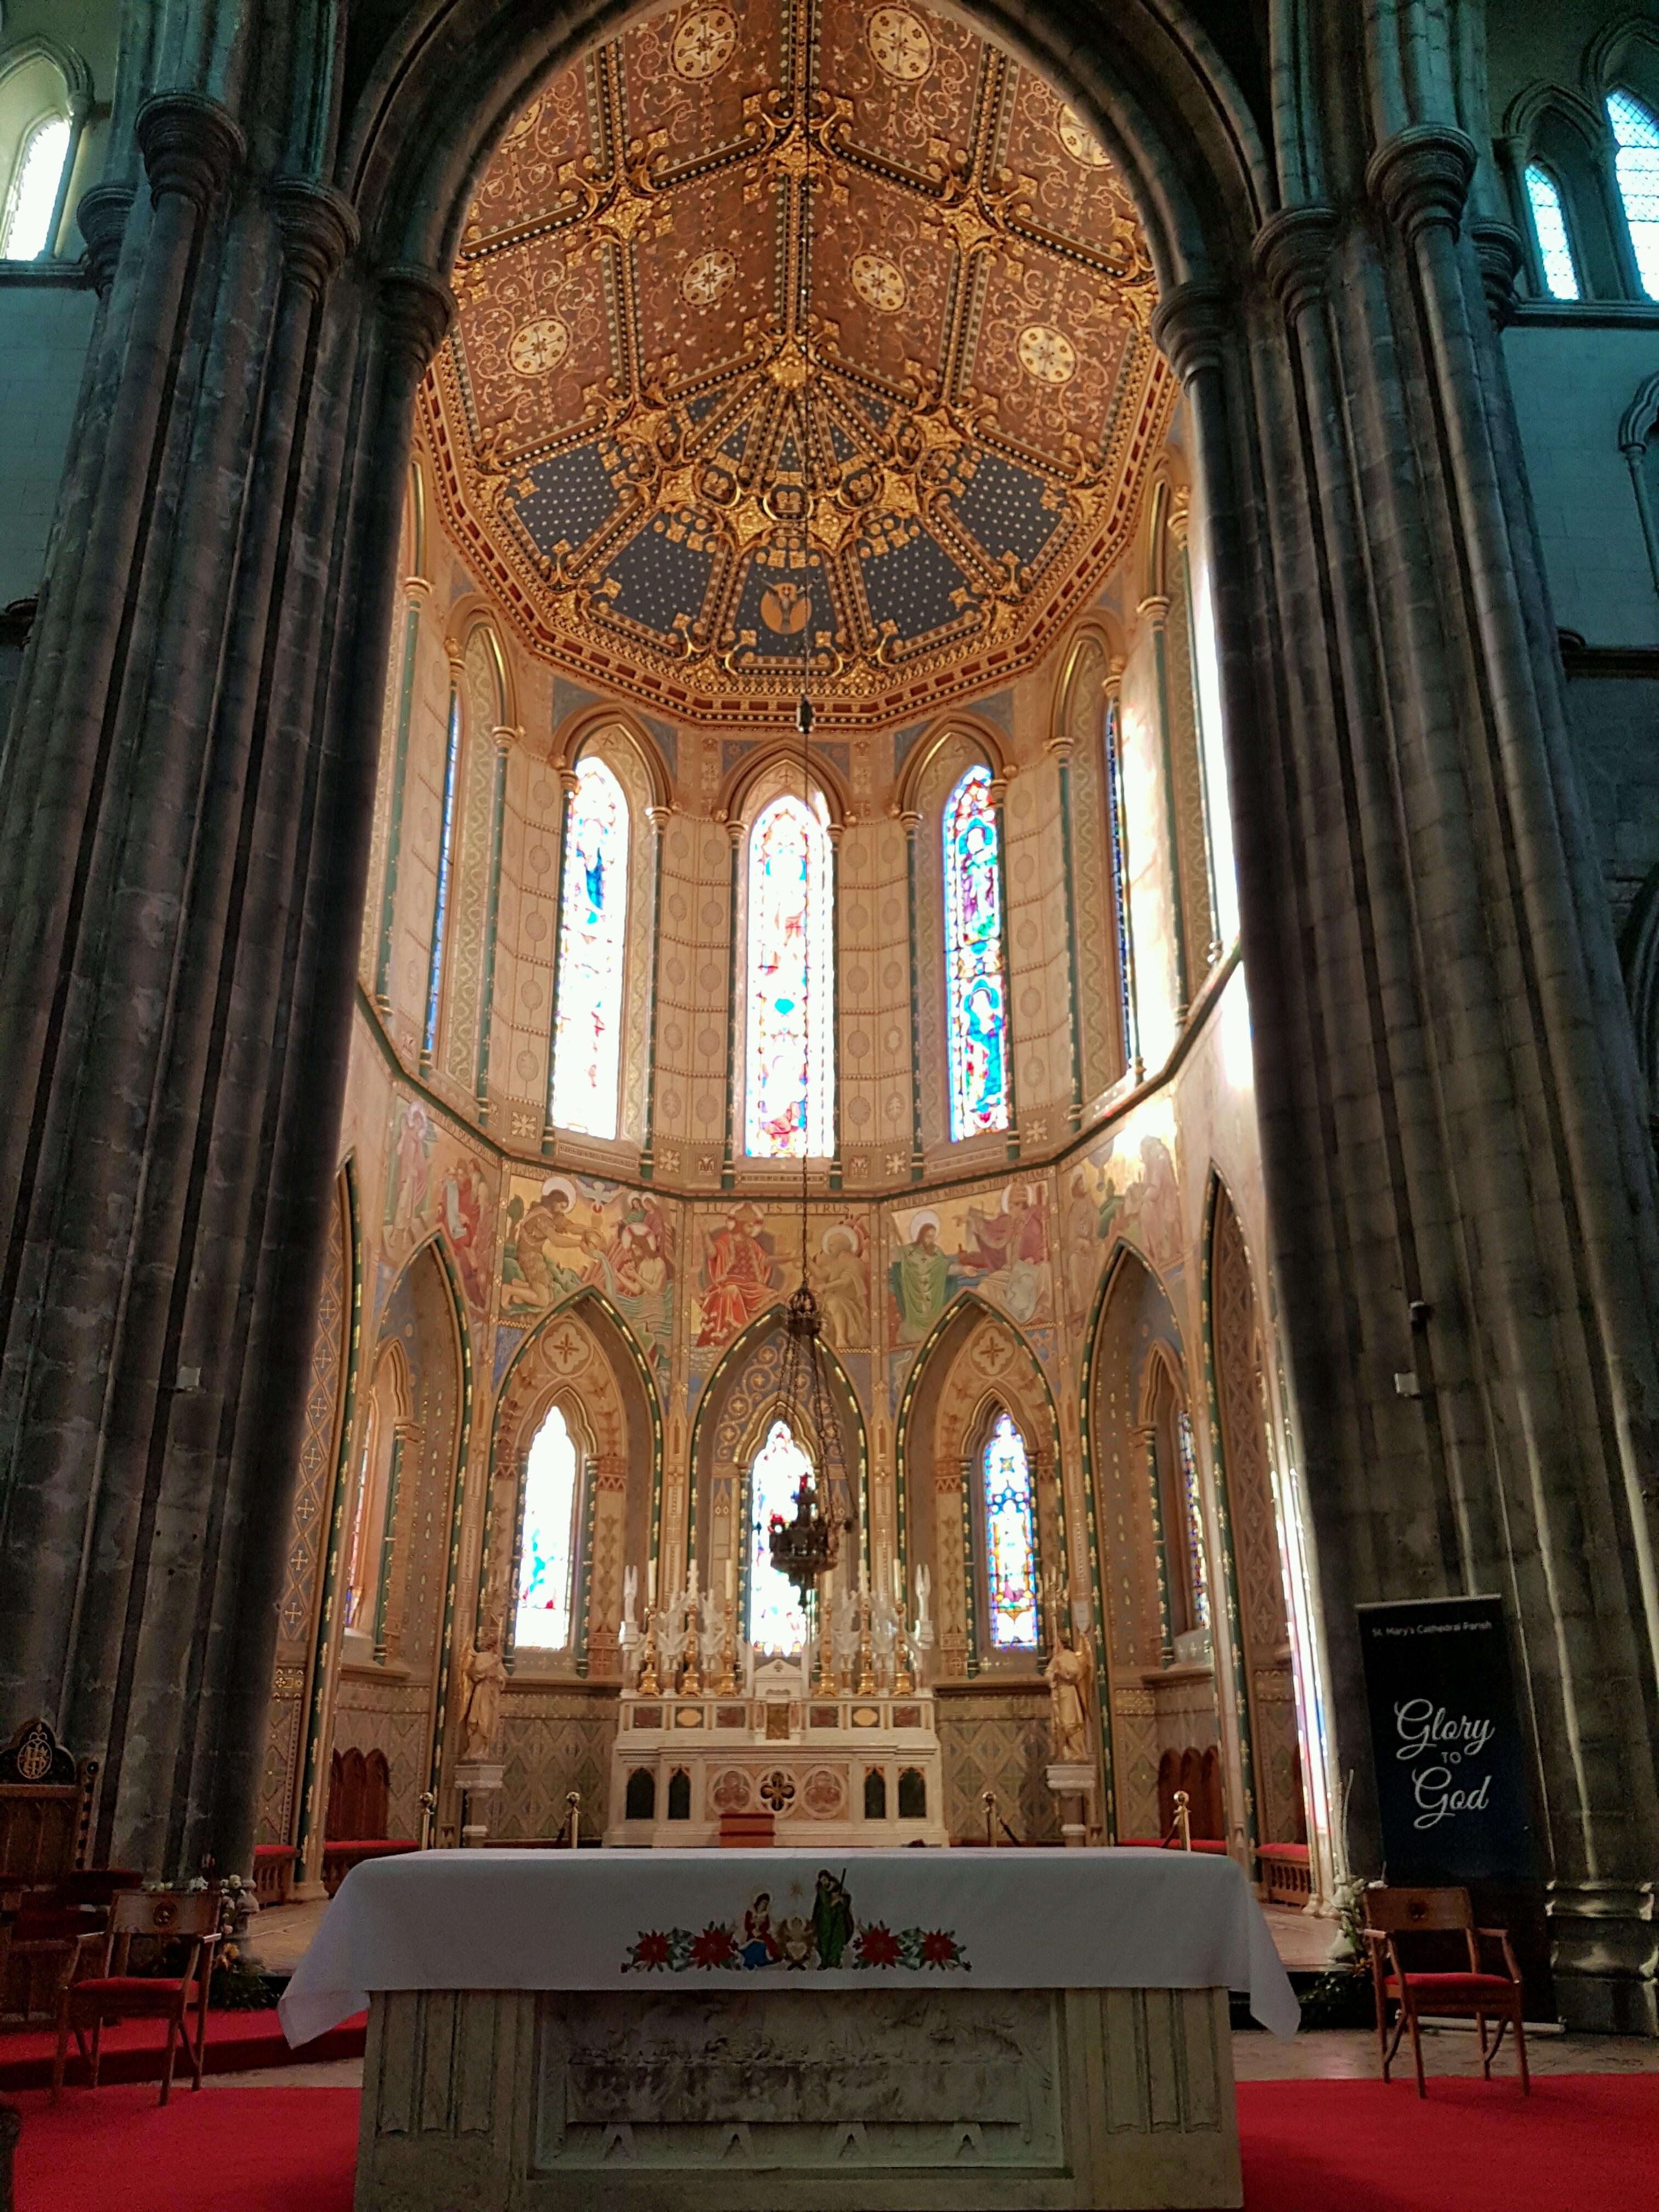 St. Marys Cathedral | Jamess St, Kilkenny | +353 56 777 1253